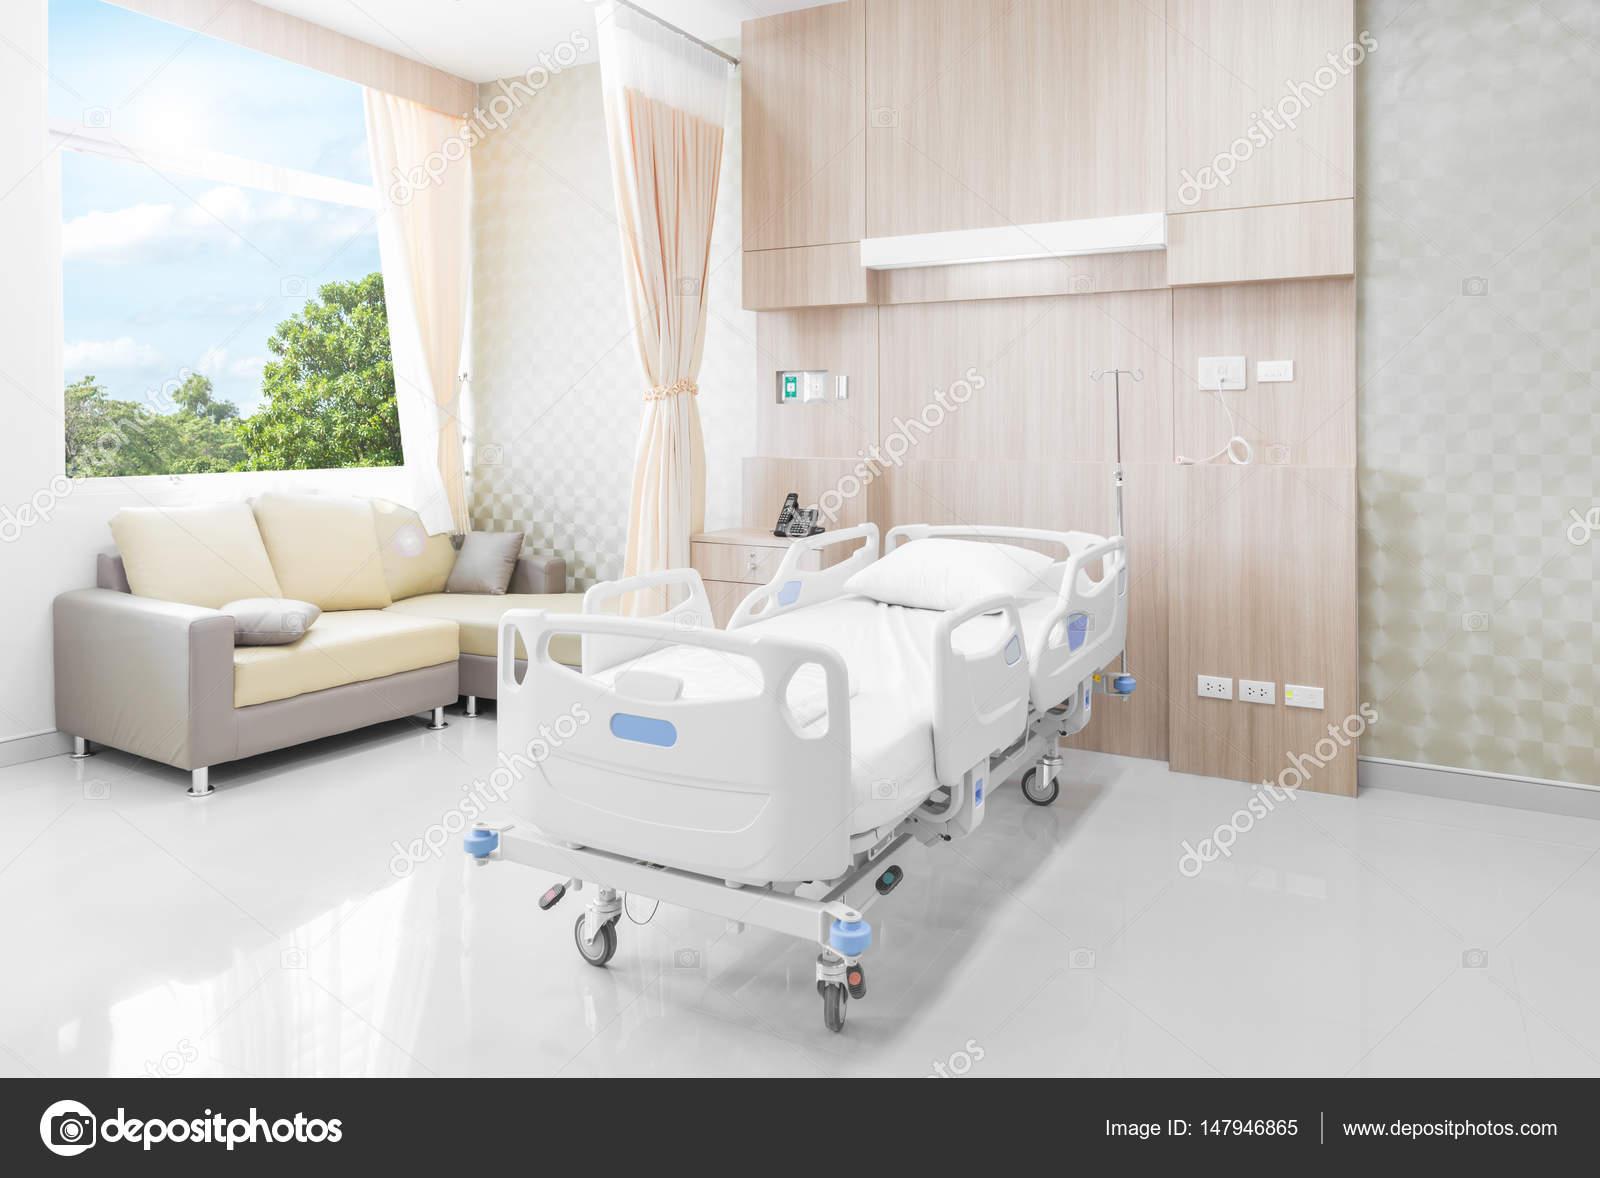 Chambre dhpital avec lits et medical confortable quip dans un hpital moderne  Photographie